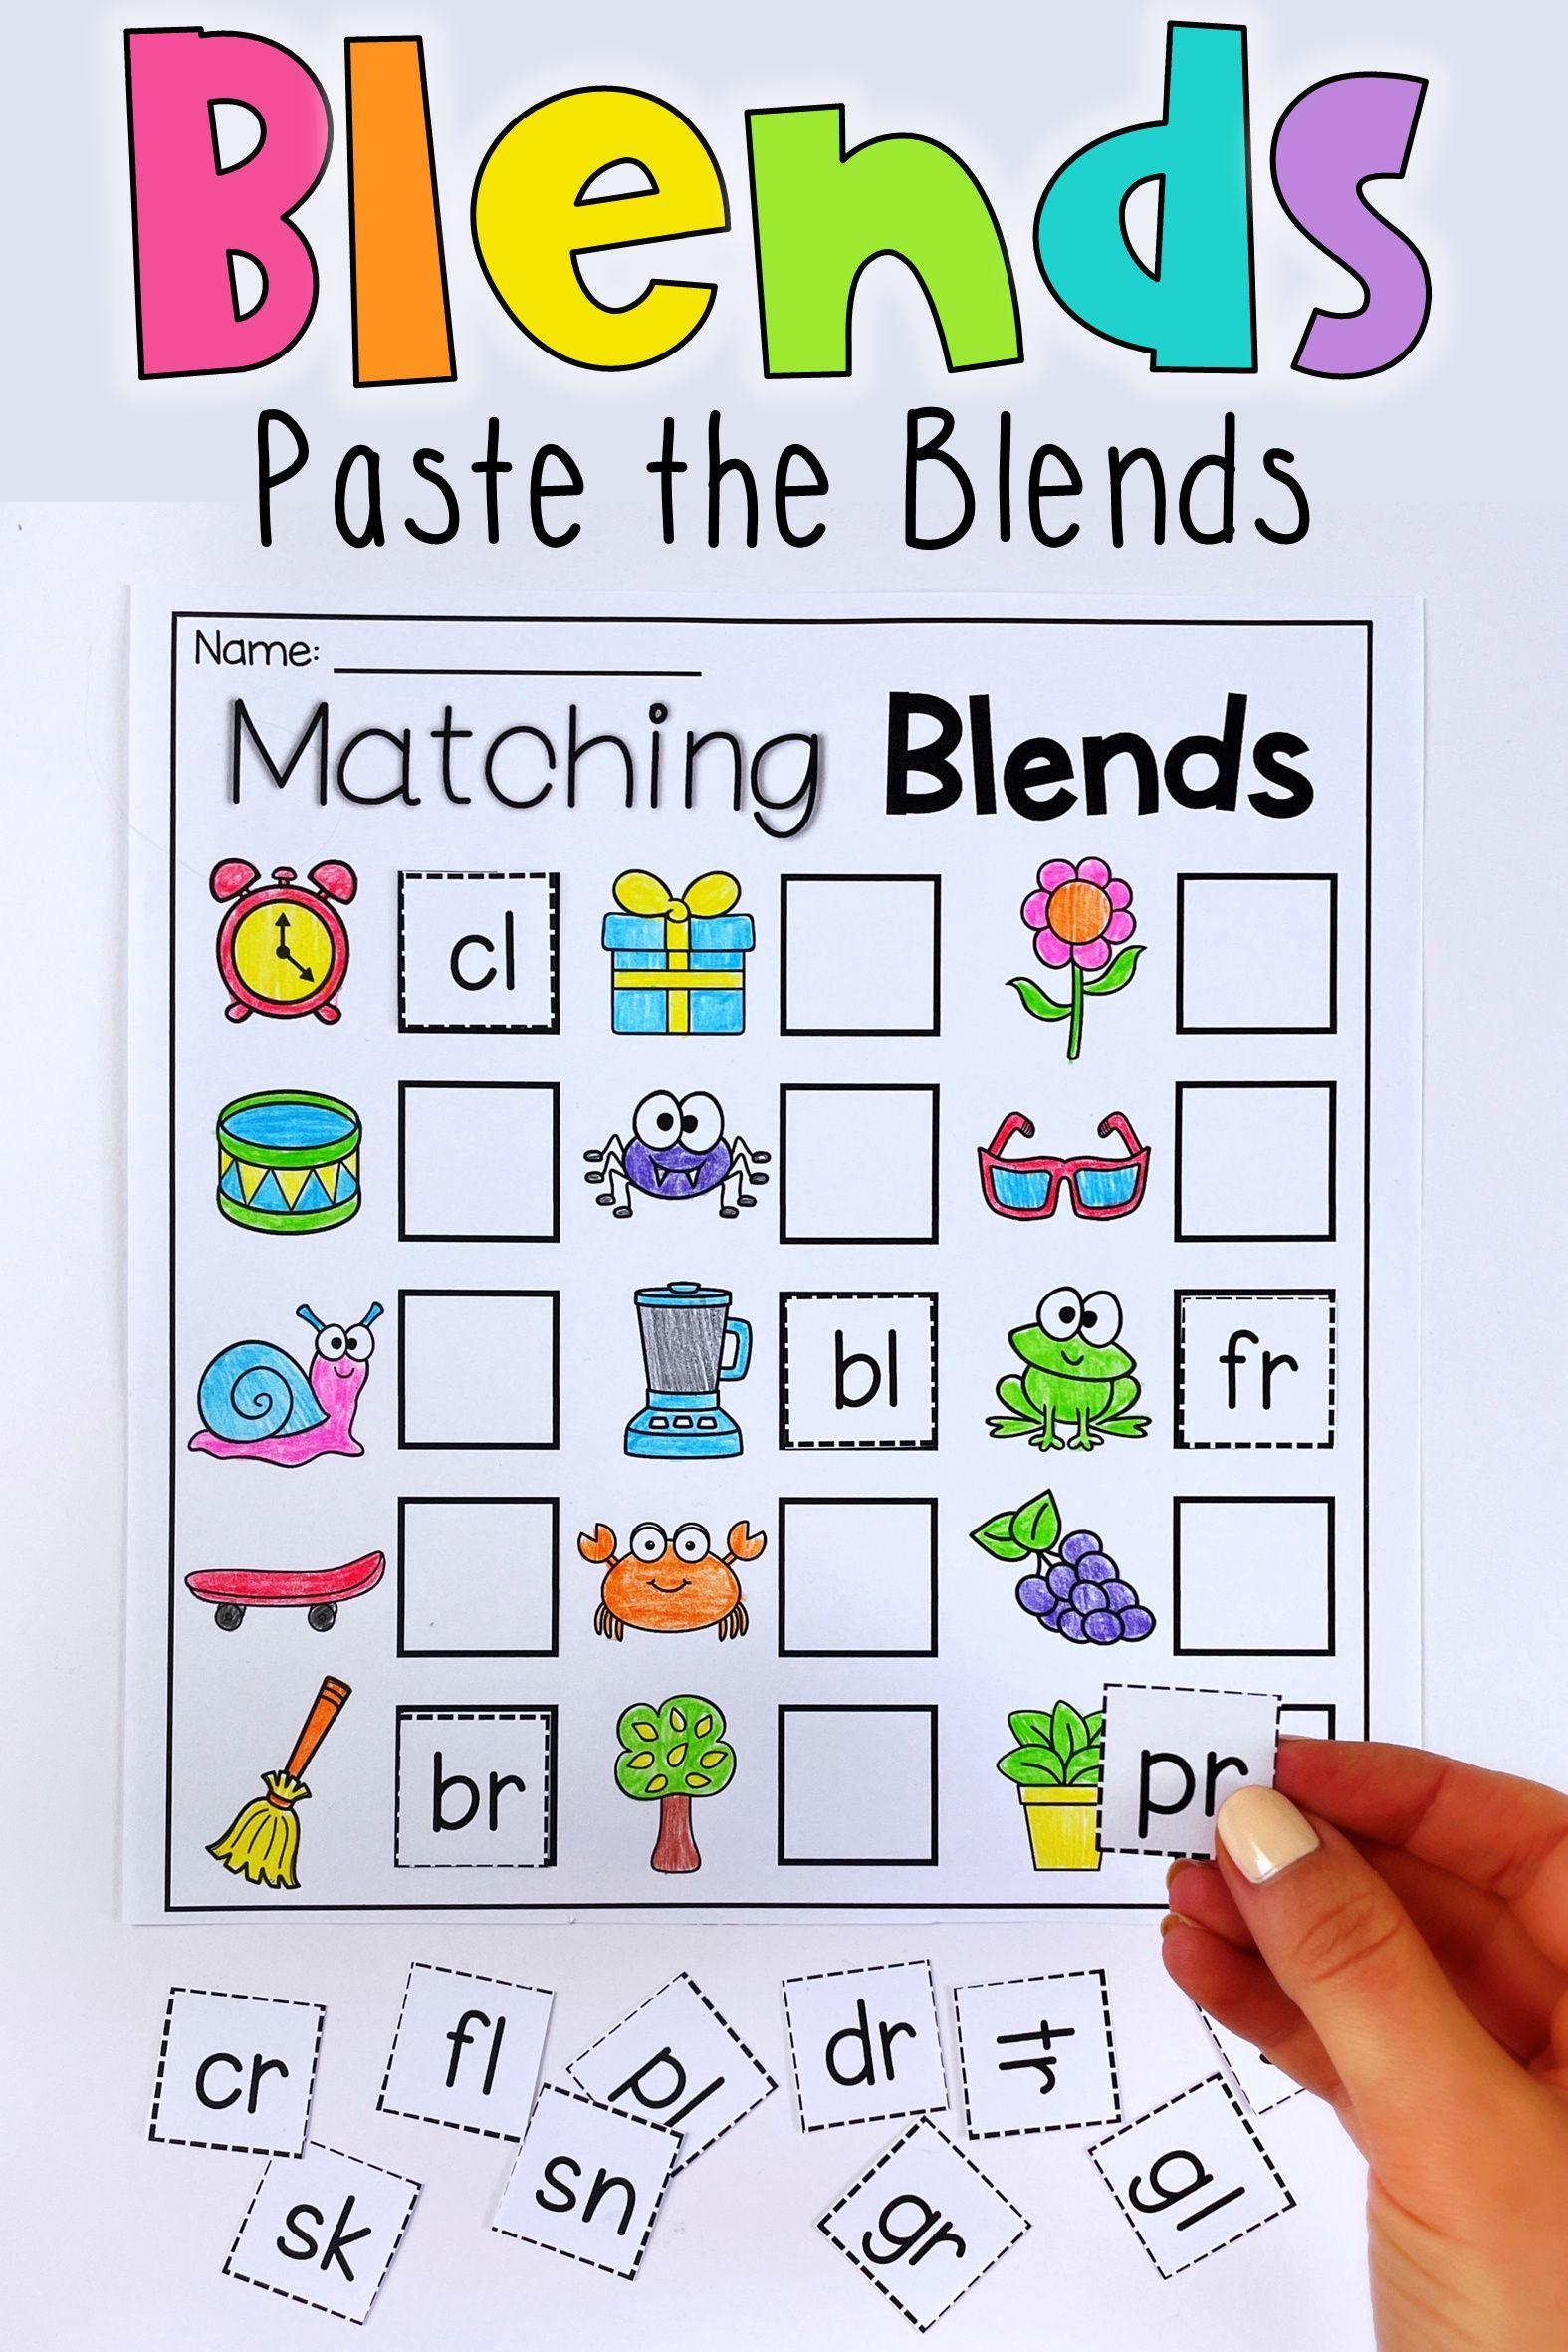 Blends Worksheets S Blends L Blends R Blends In 2021 Blends Worksheets Blends Activities L Blends [ 2362 x 1575 Pixel ]